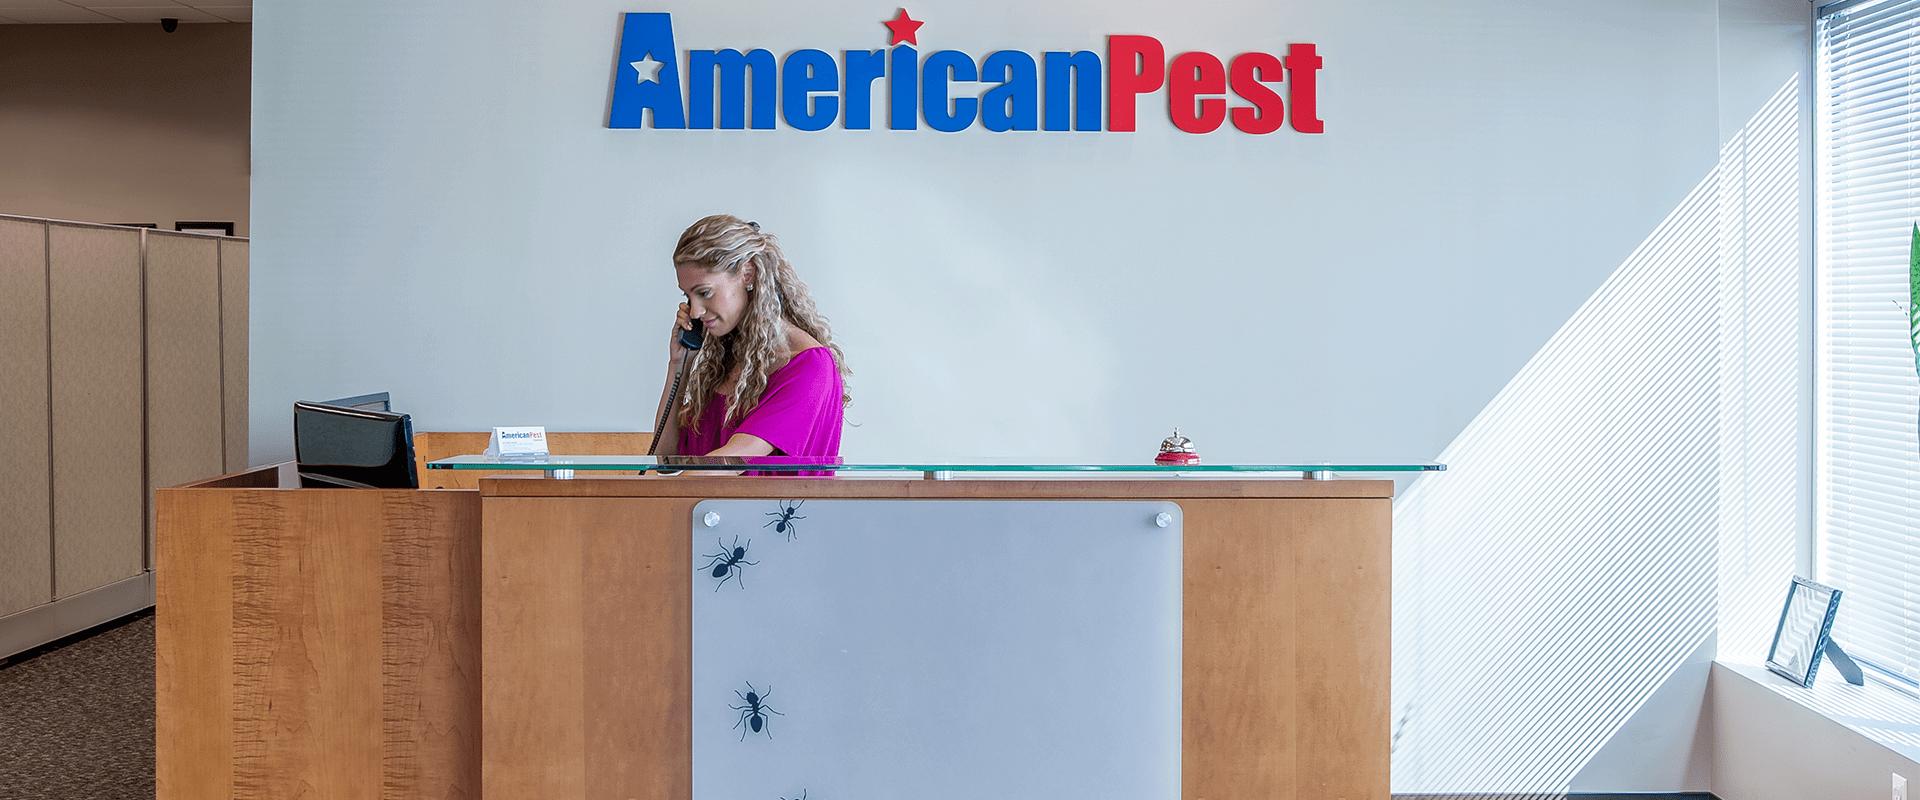 american pest front desk